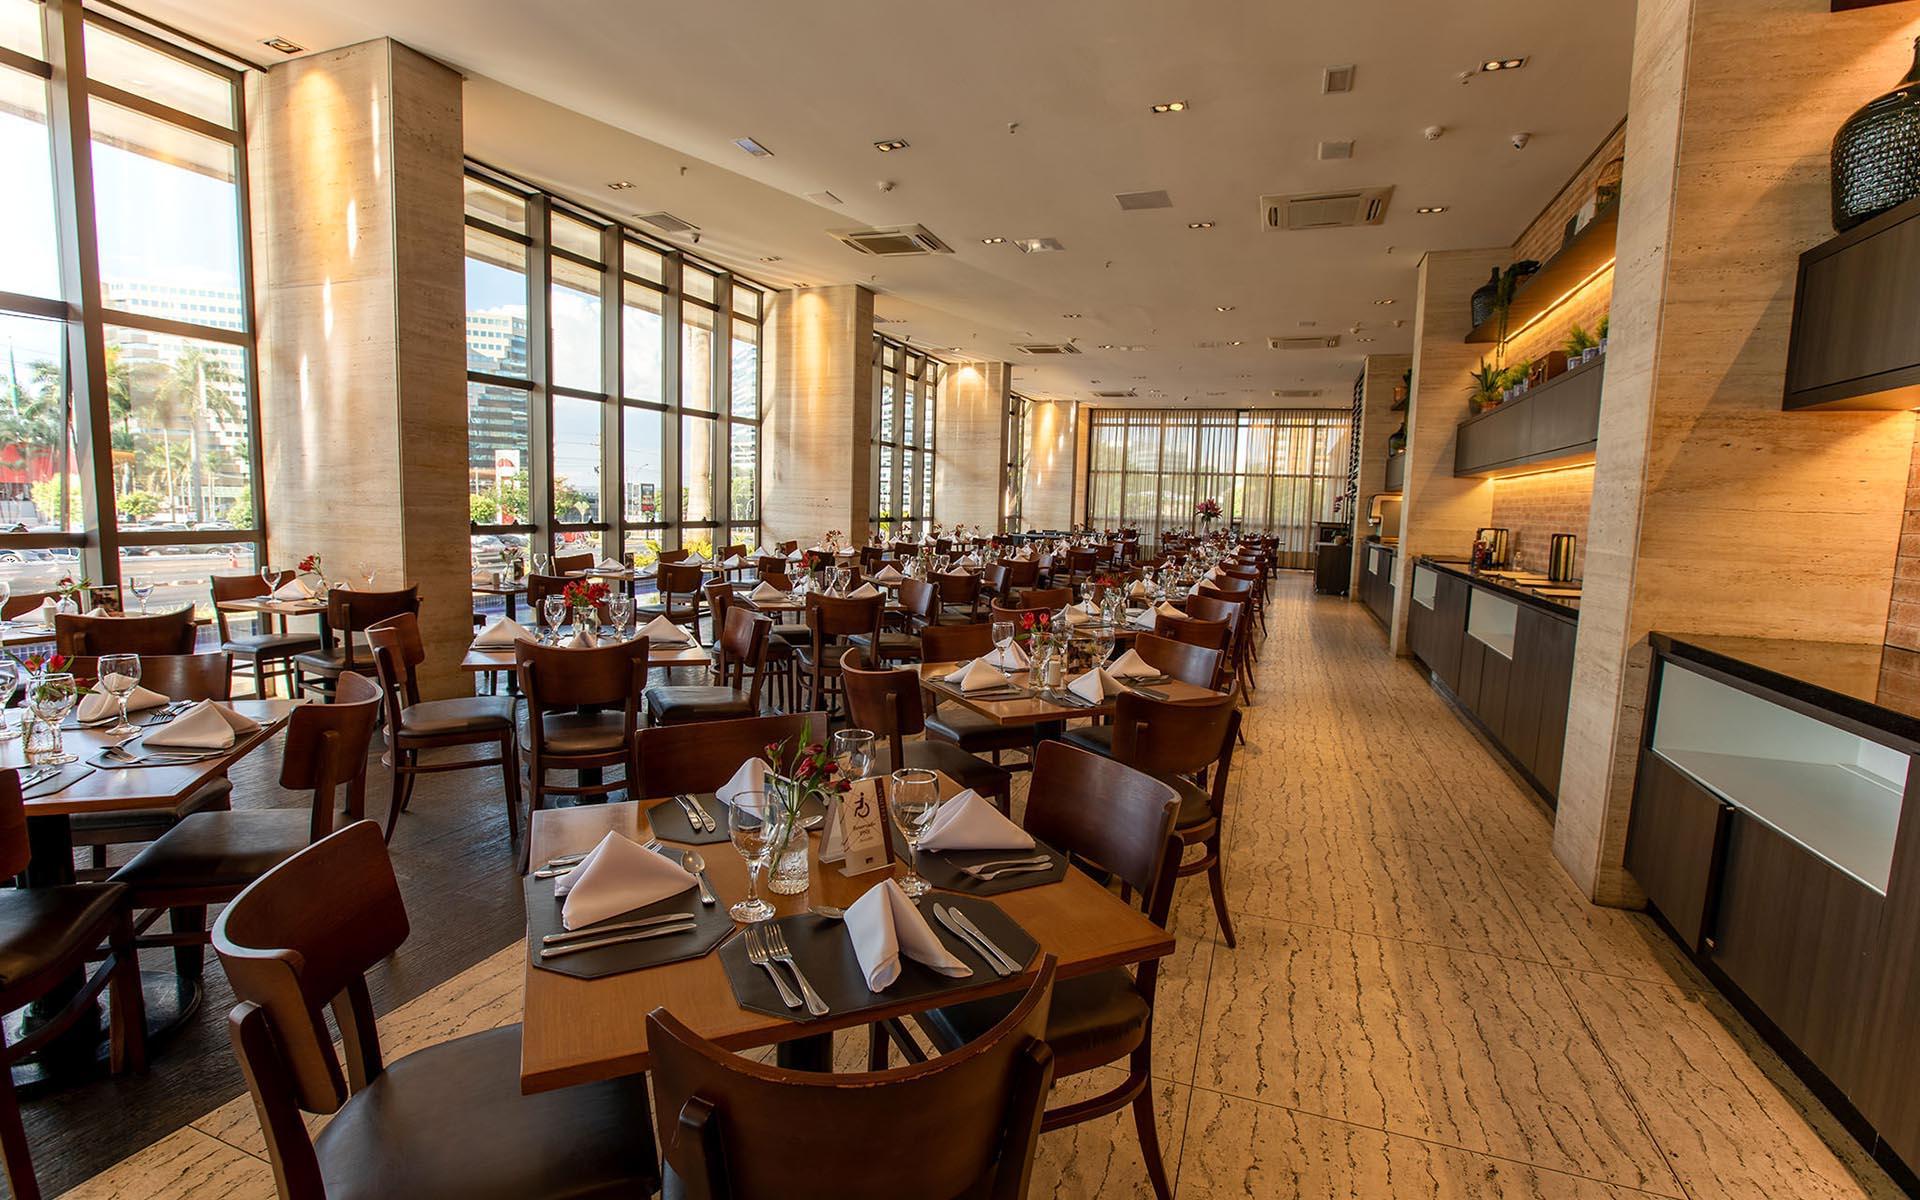 cafe-da-manha-e-restaurante-do-hotel-cullinan-hplus-premium-em-brasilia